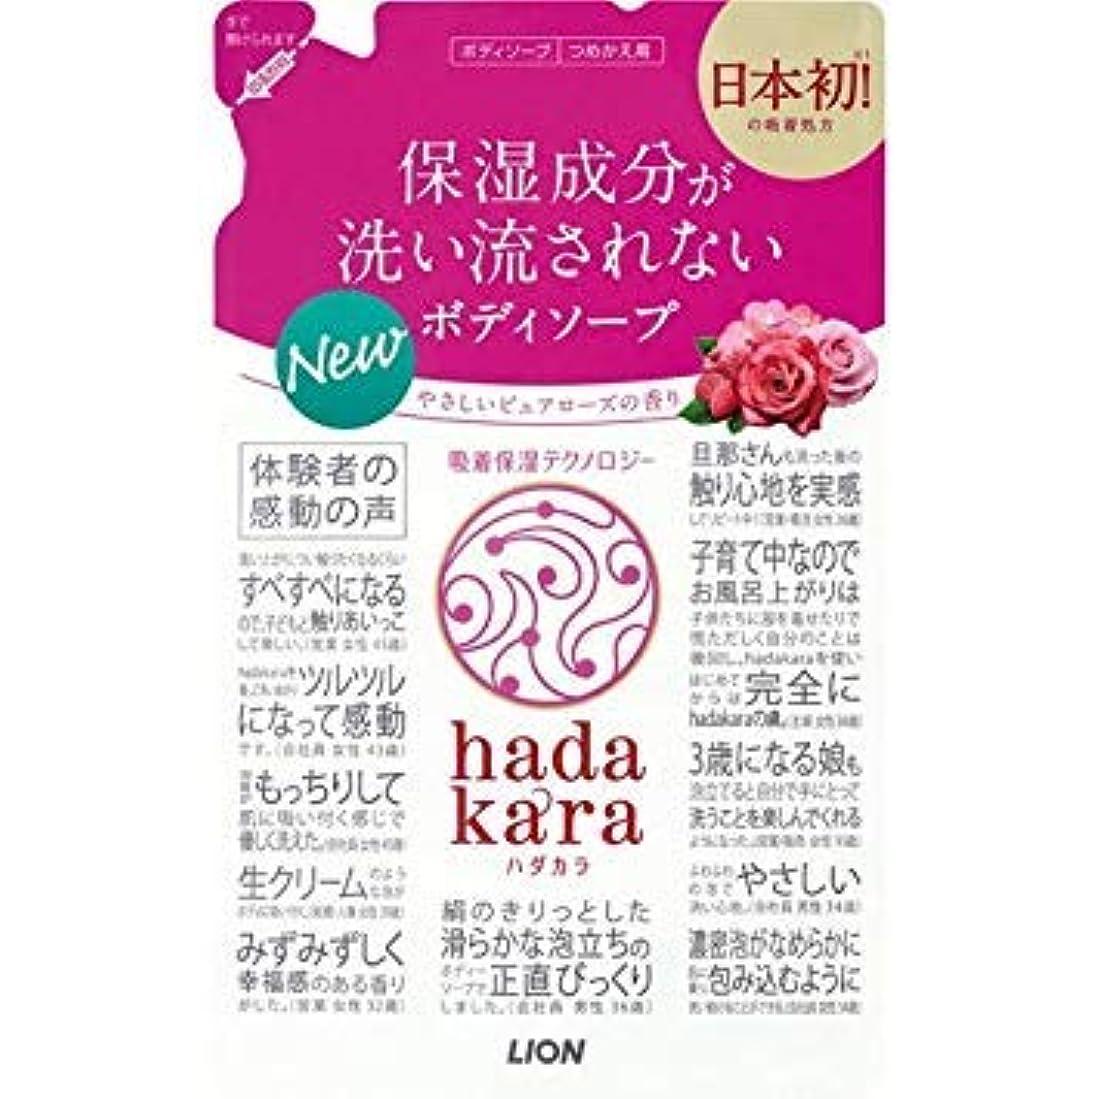 悪性ようこそ文献hadakara(ハダカラ) ボディソープ ピュアローズの香り 詰め替え 360ml×16個